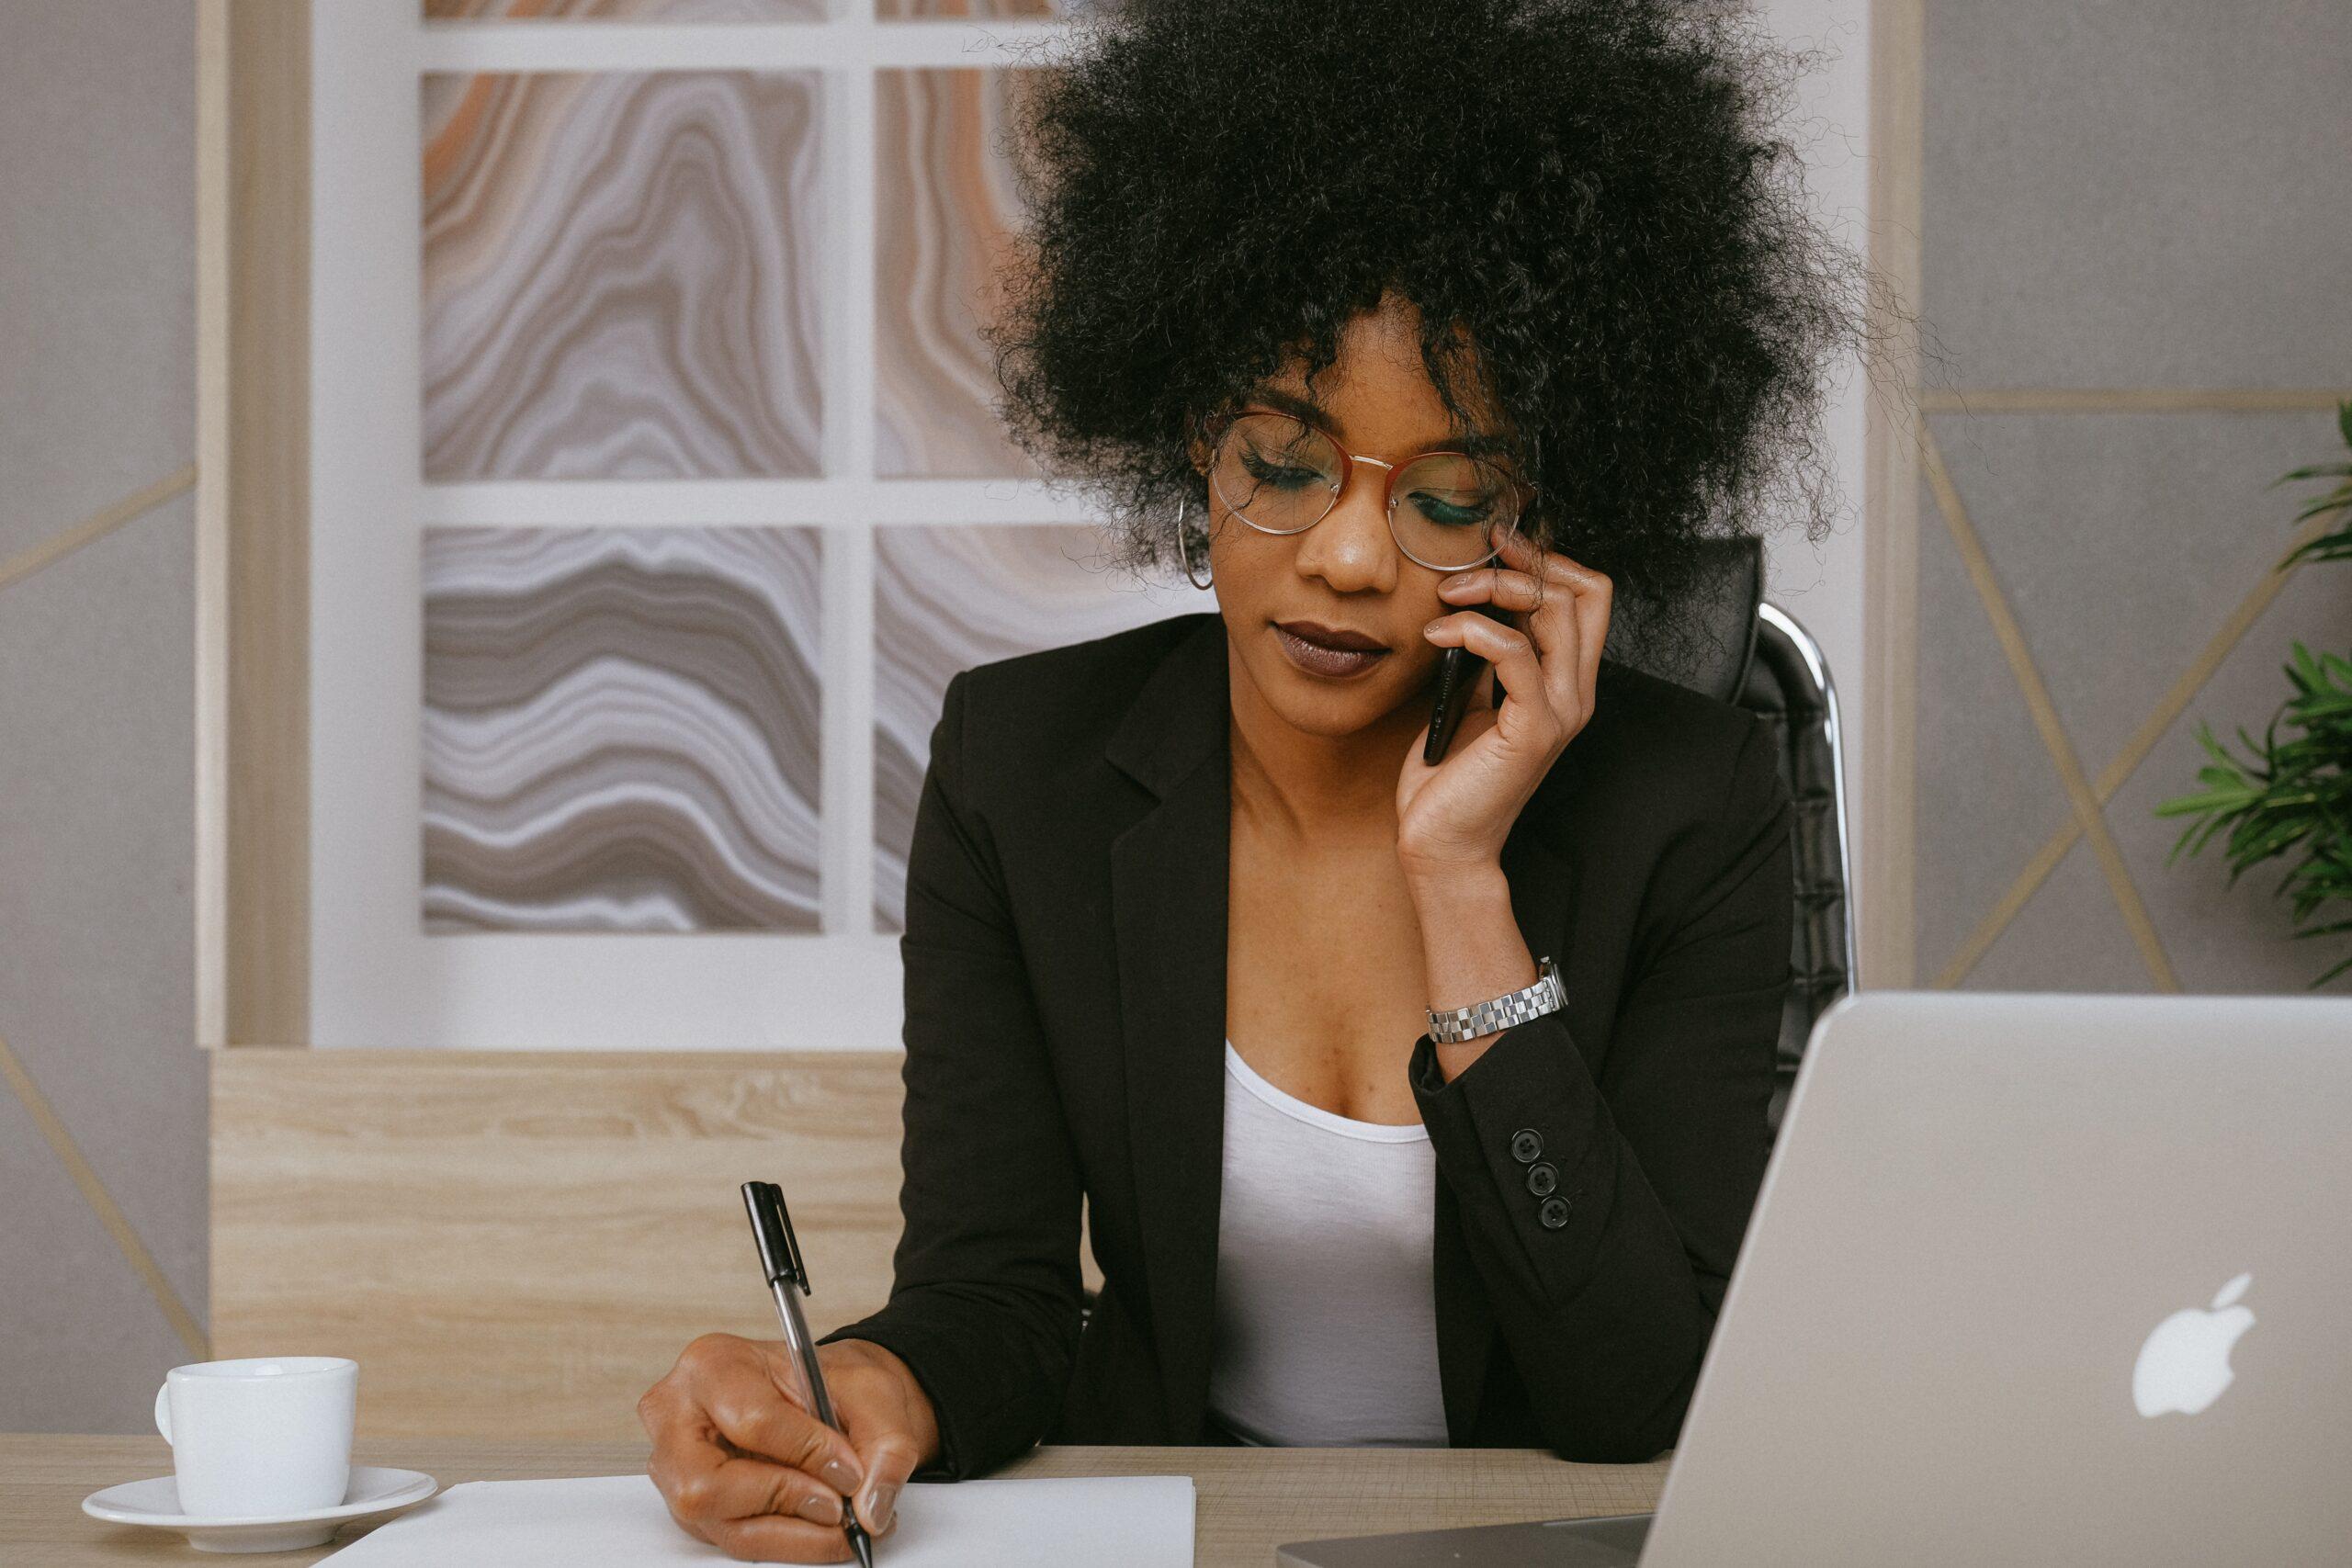 技術営業職の転職!転職活動を有利にすすめる秘訣まとめ